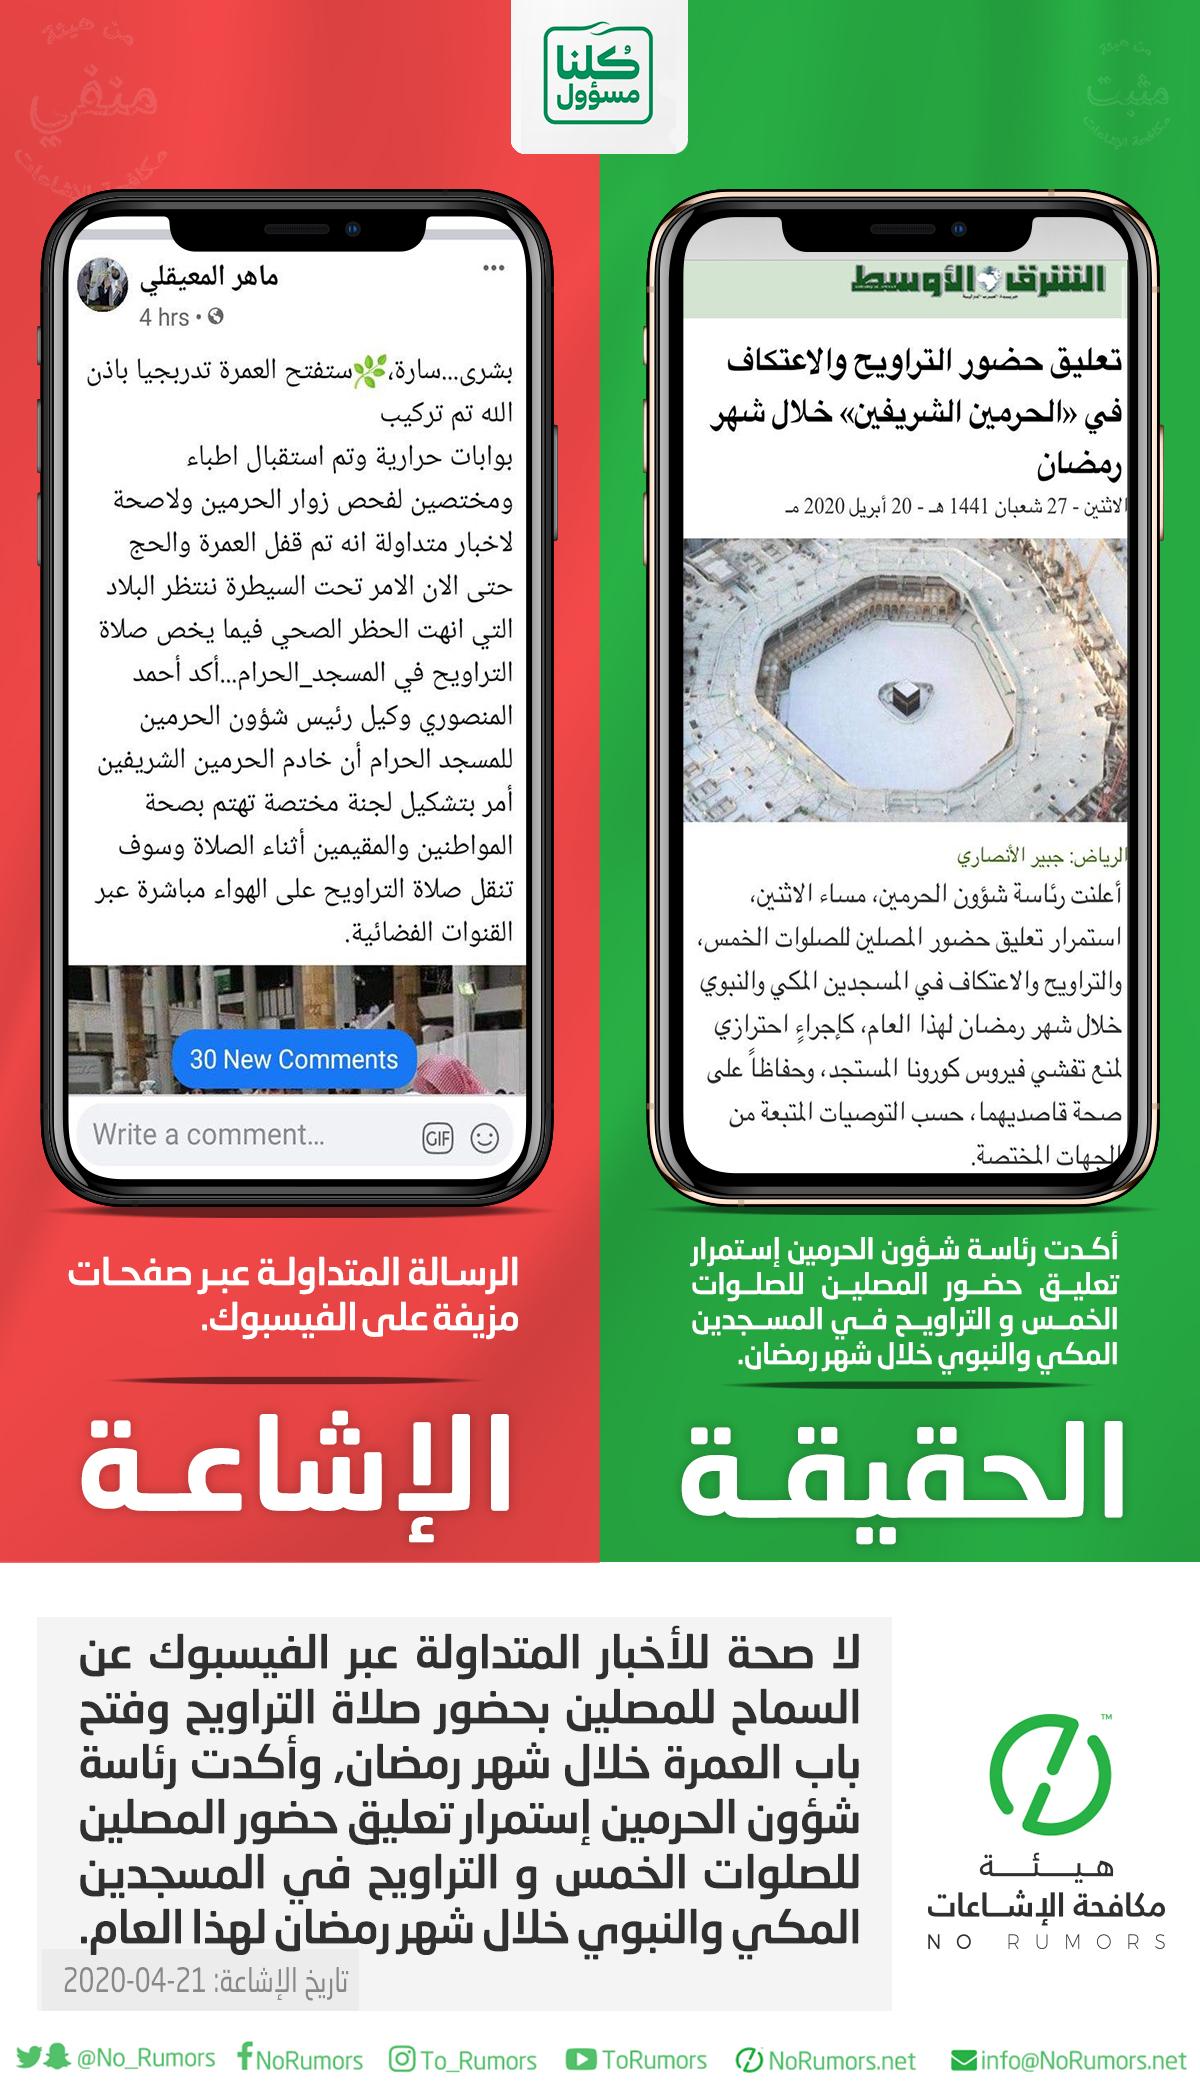 حقيقة  الاخبار المتداولة عبر الفيسبوك عن السماح للمصلين بحضور صلاة التراويح وفتح باب العمرة خلال شهر رمضان